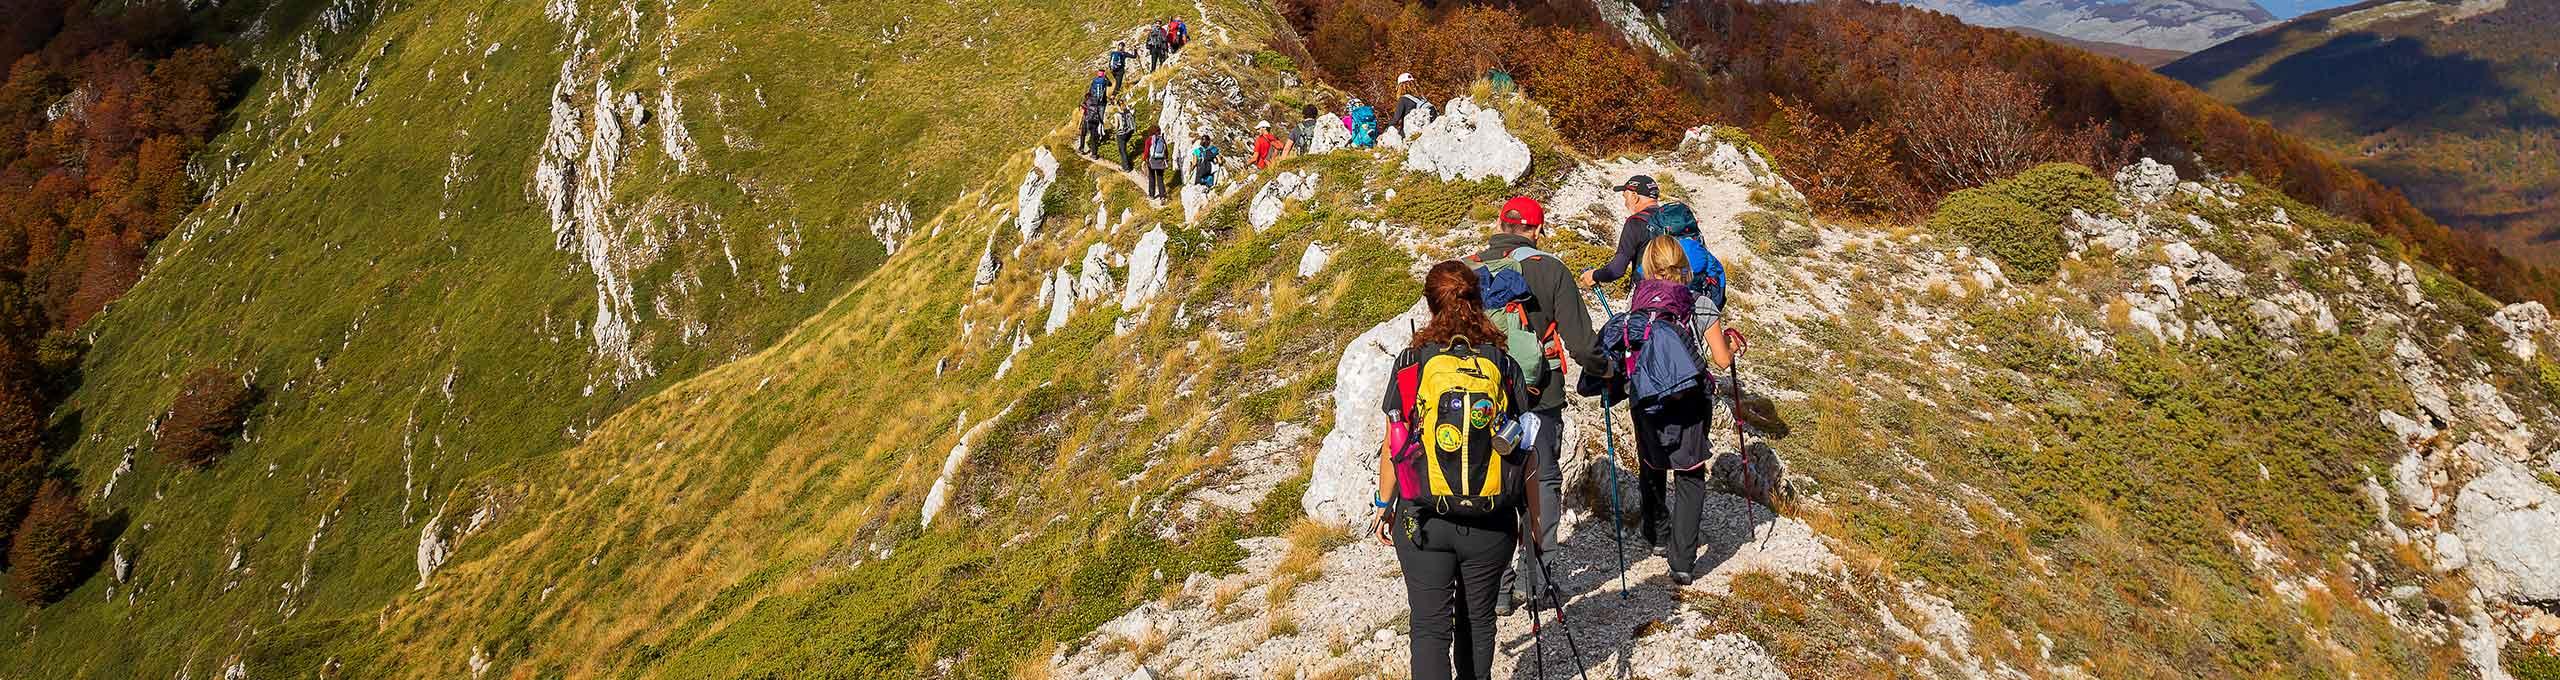 Filettino, Frosinone, Parco Naturale dei Monti Simbruini